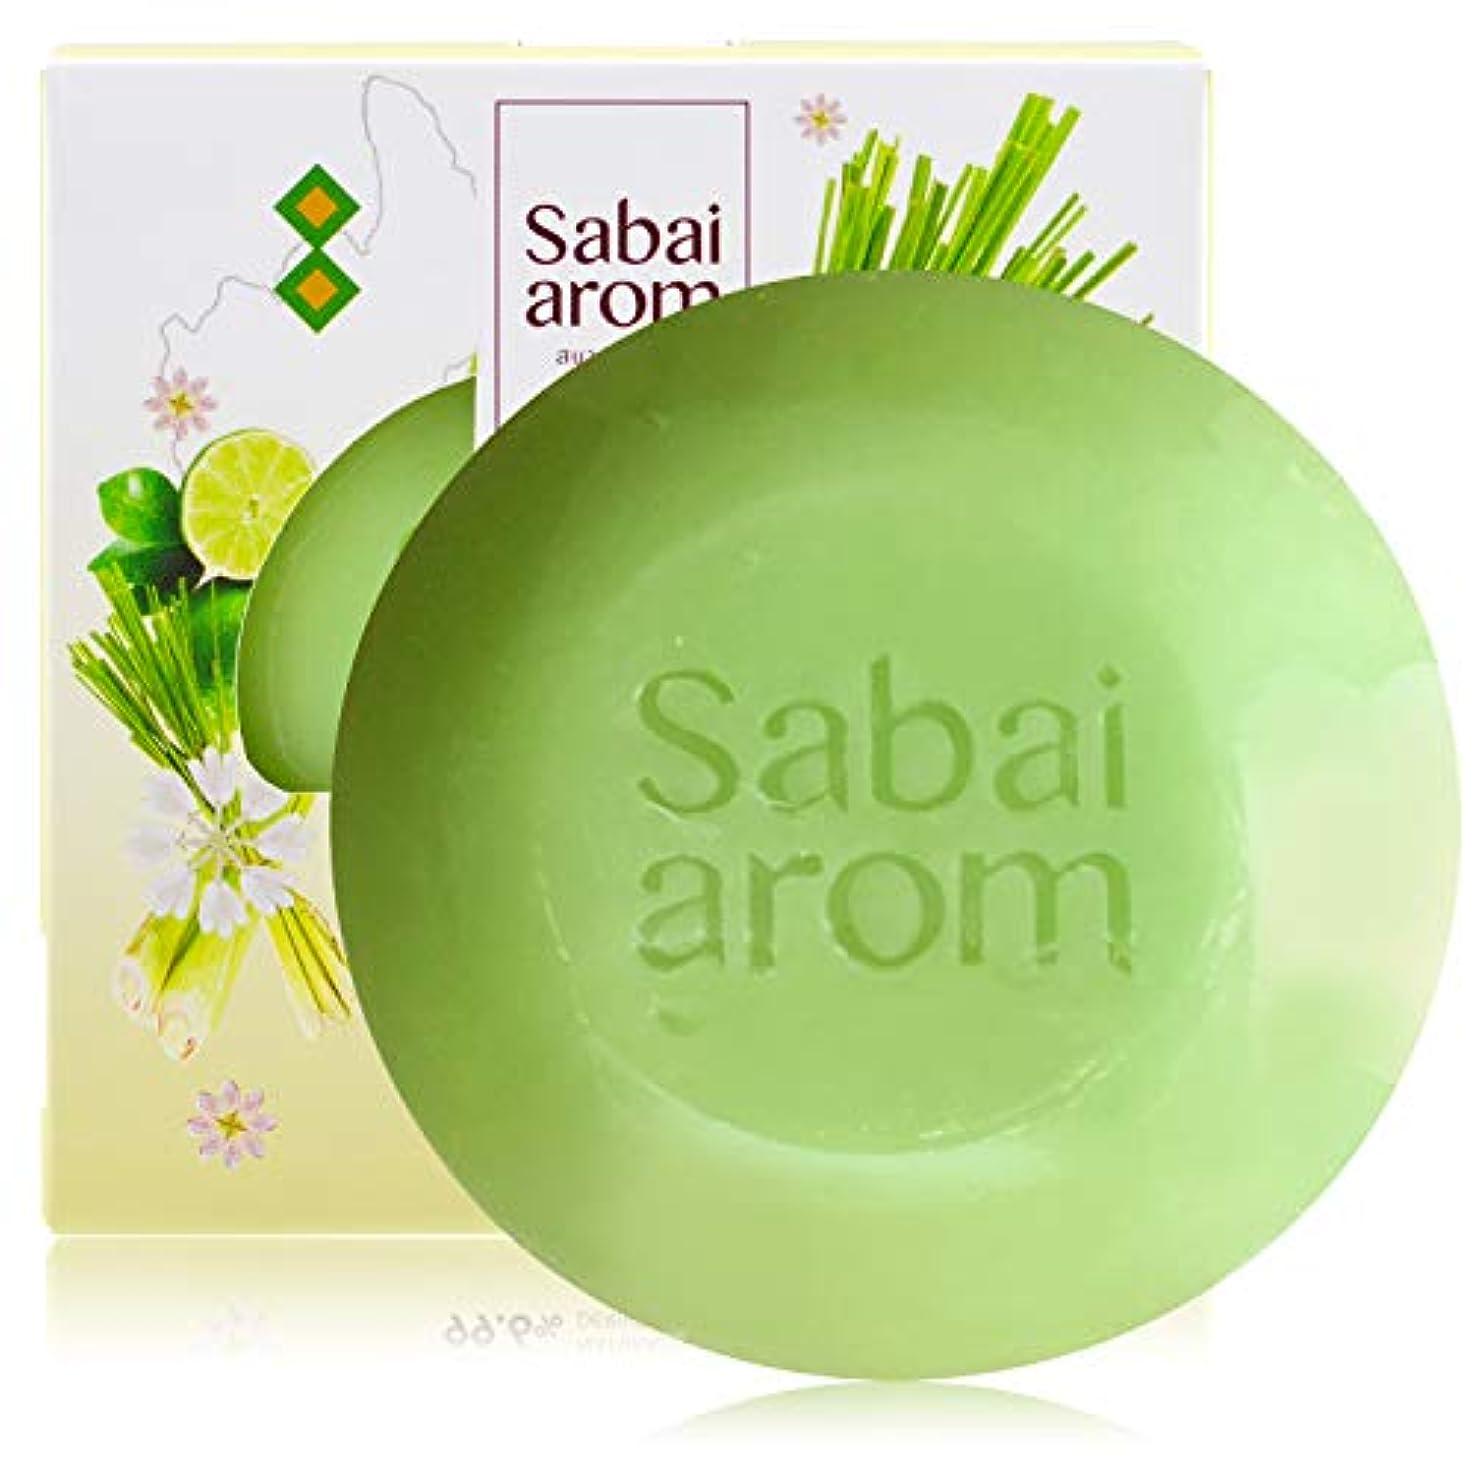 簡潔な自転車反映するサバイアロム(Sabai-arom) レモングラス フェイス&ボディソープバー (石鹸) 100g【LMG】【001】